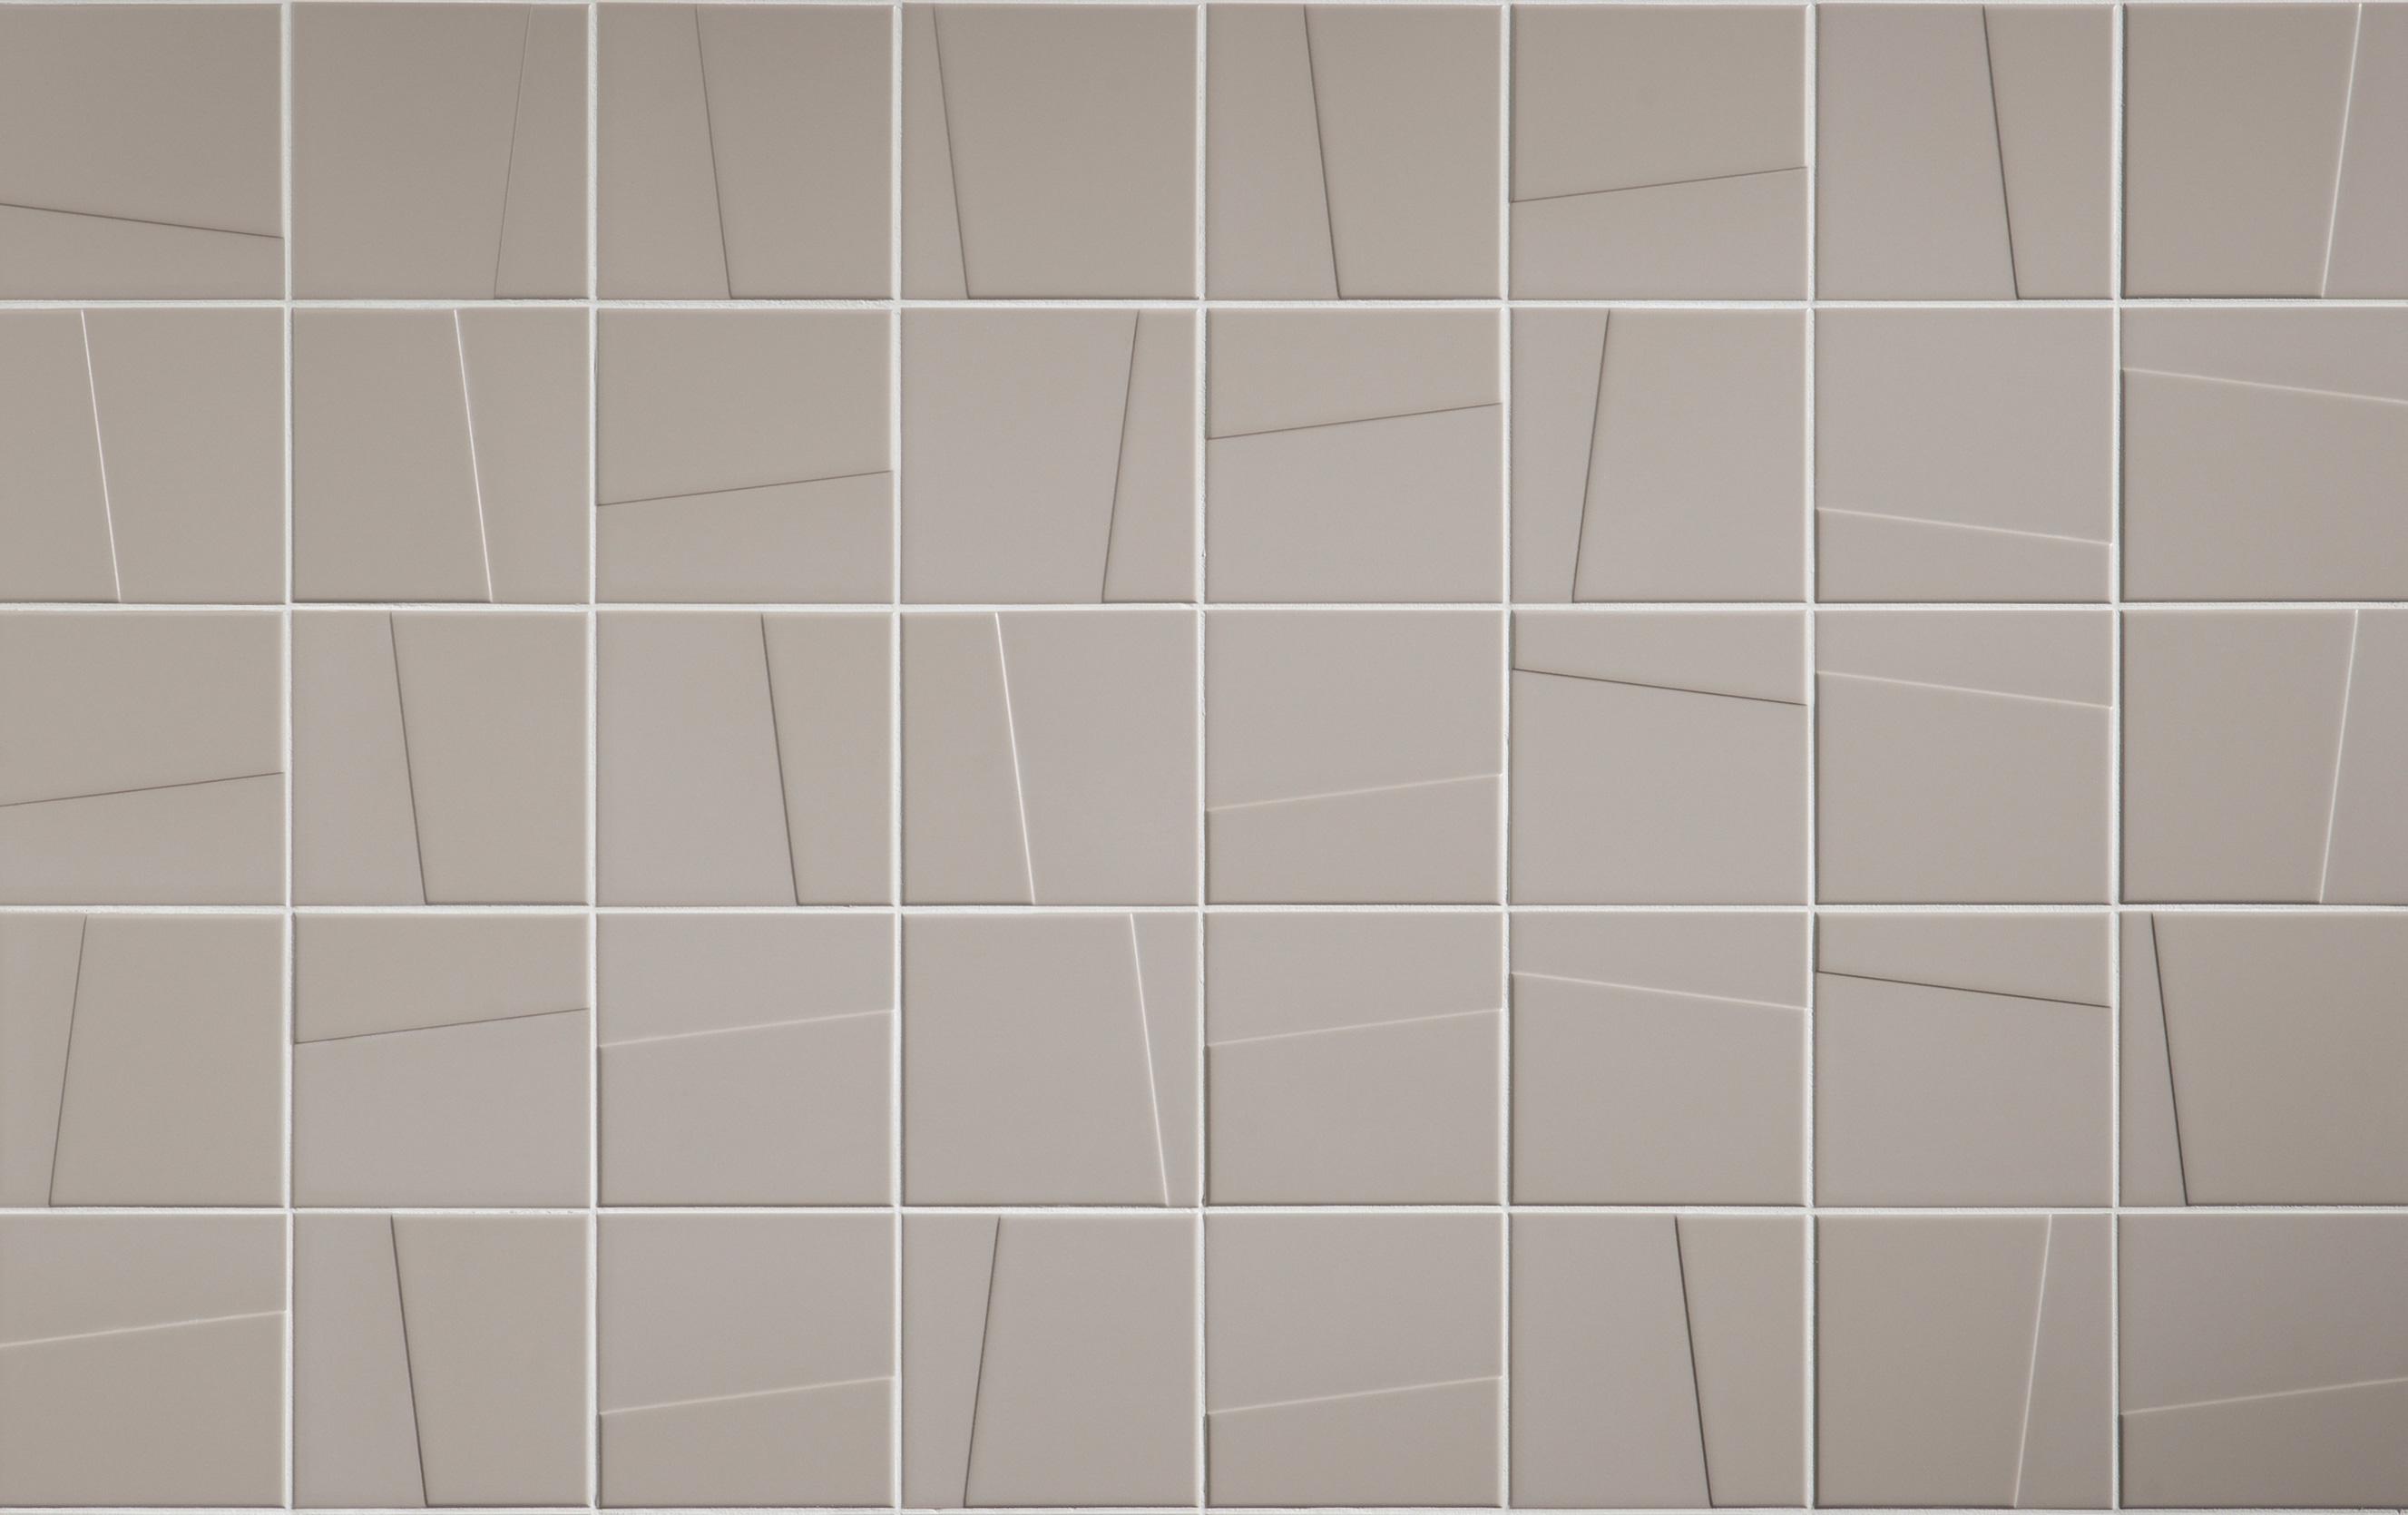 ditail-ceramica-soluciones-mosa-murals-lines-02